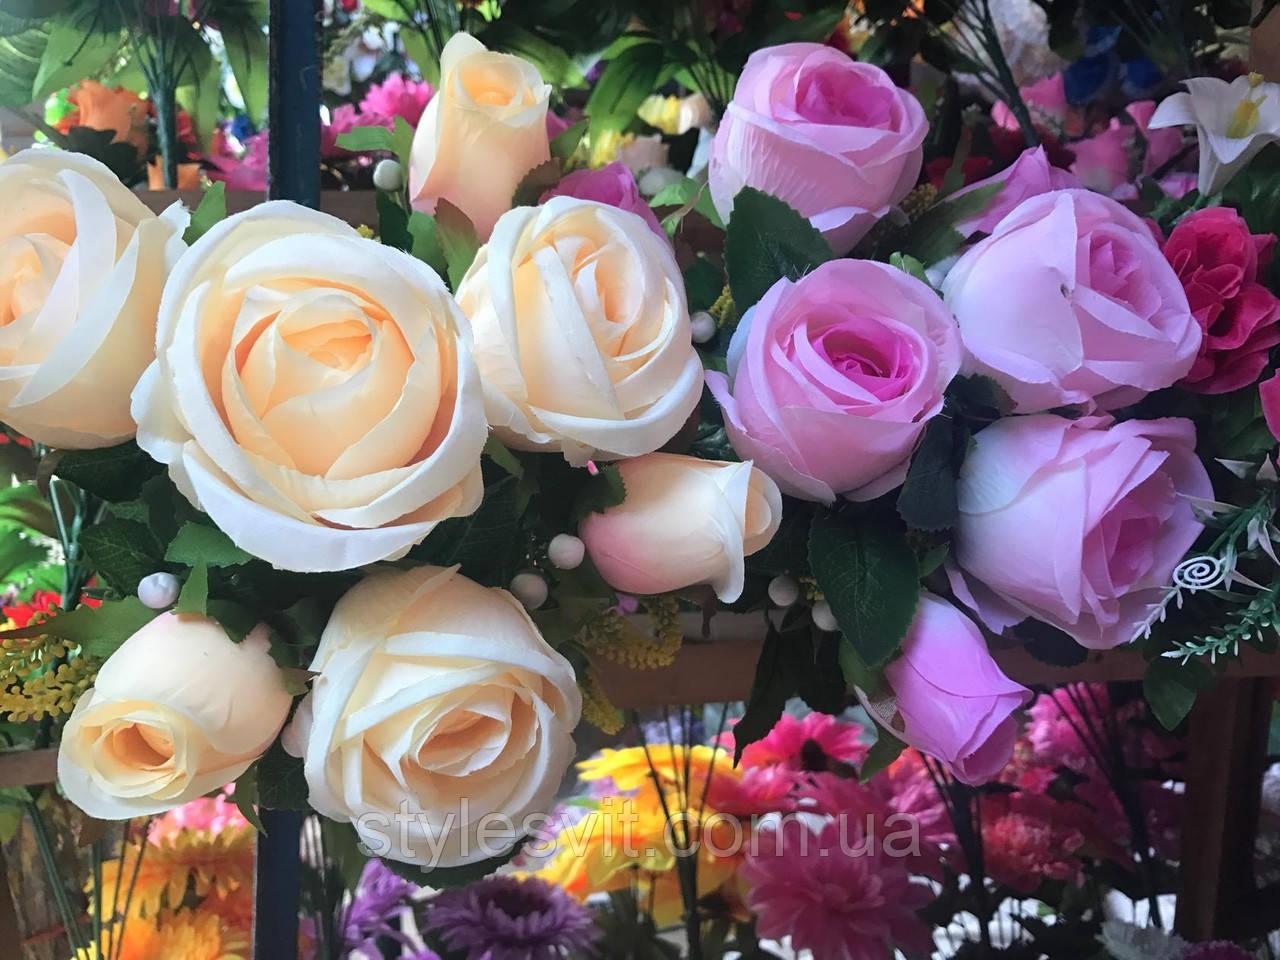 Цветы в красивой упаковке фото